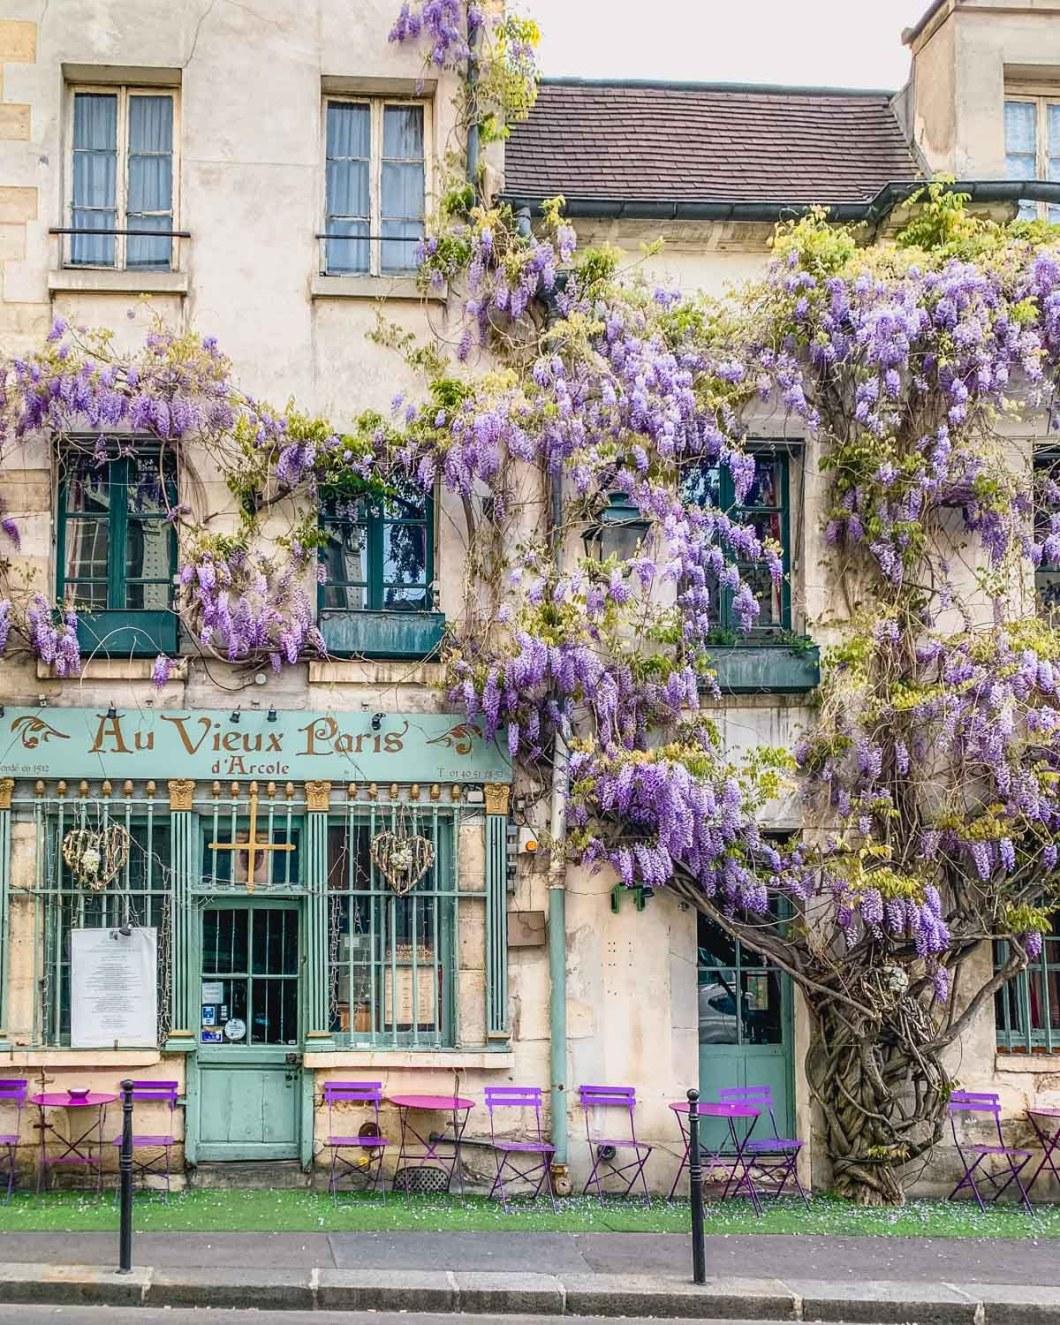 Wisteria in bloom in front of the restaurant Au Vieux Paris d'Arcole - Paris